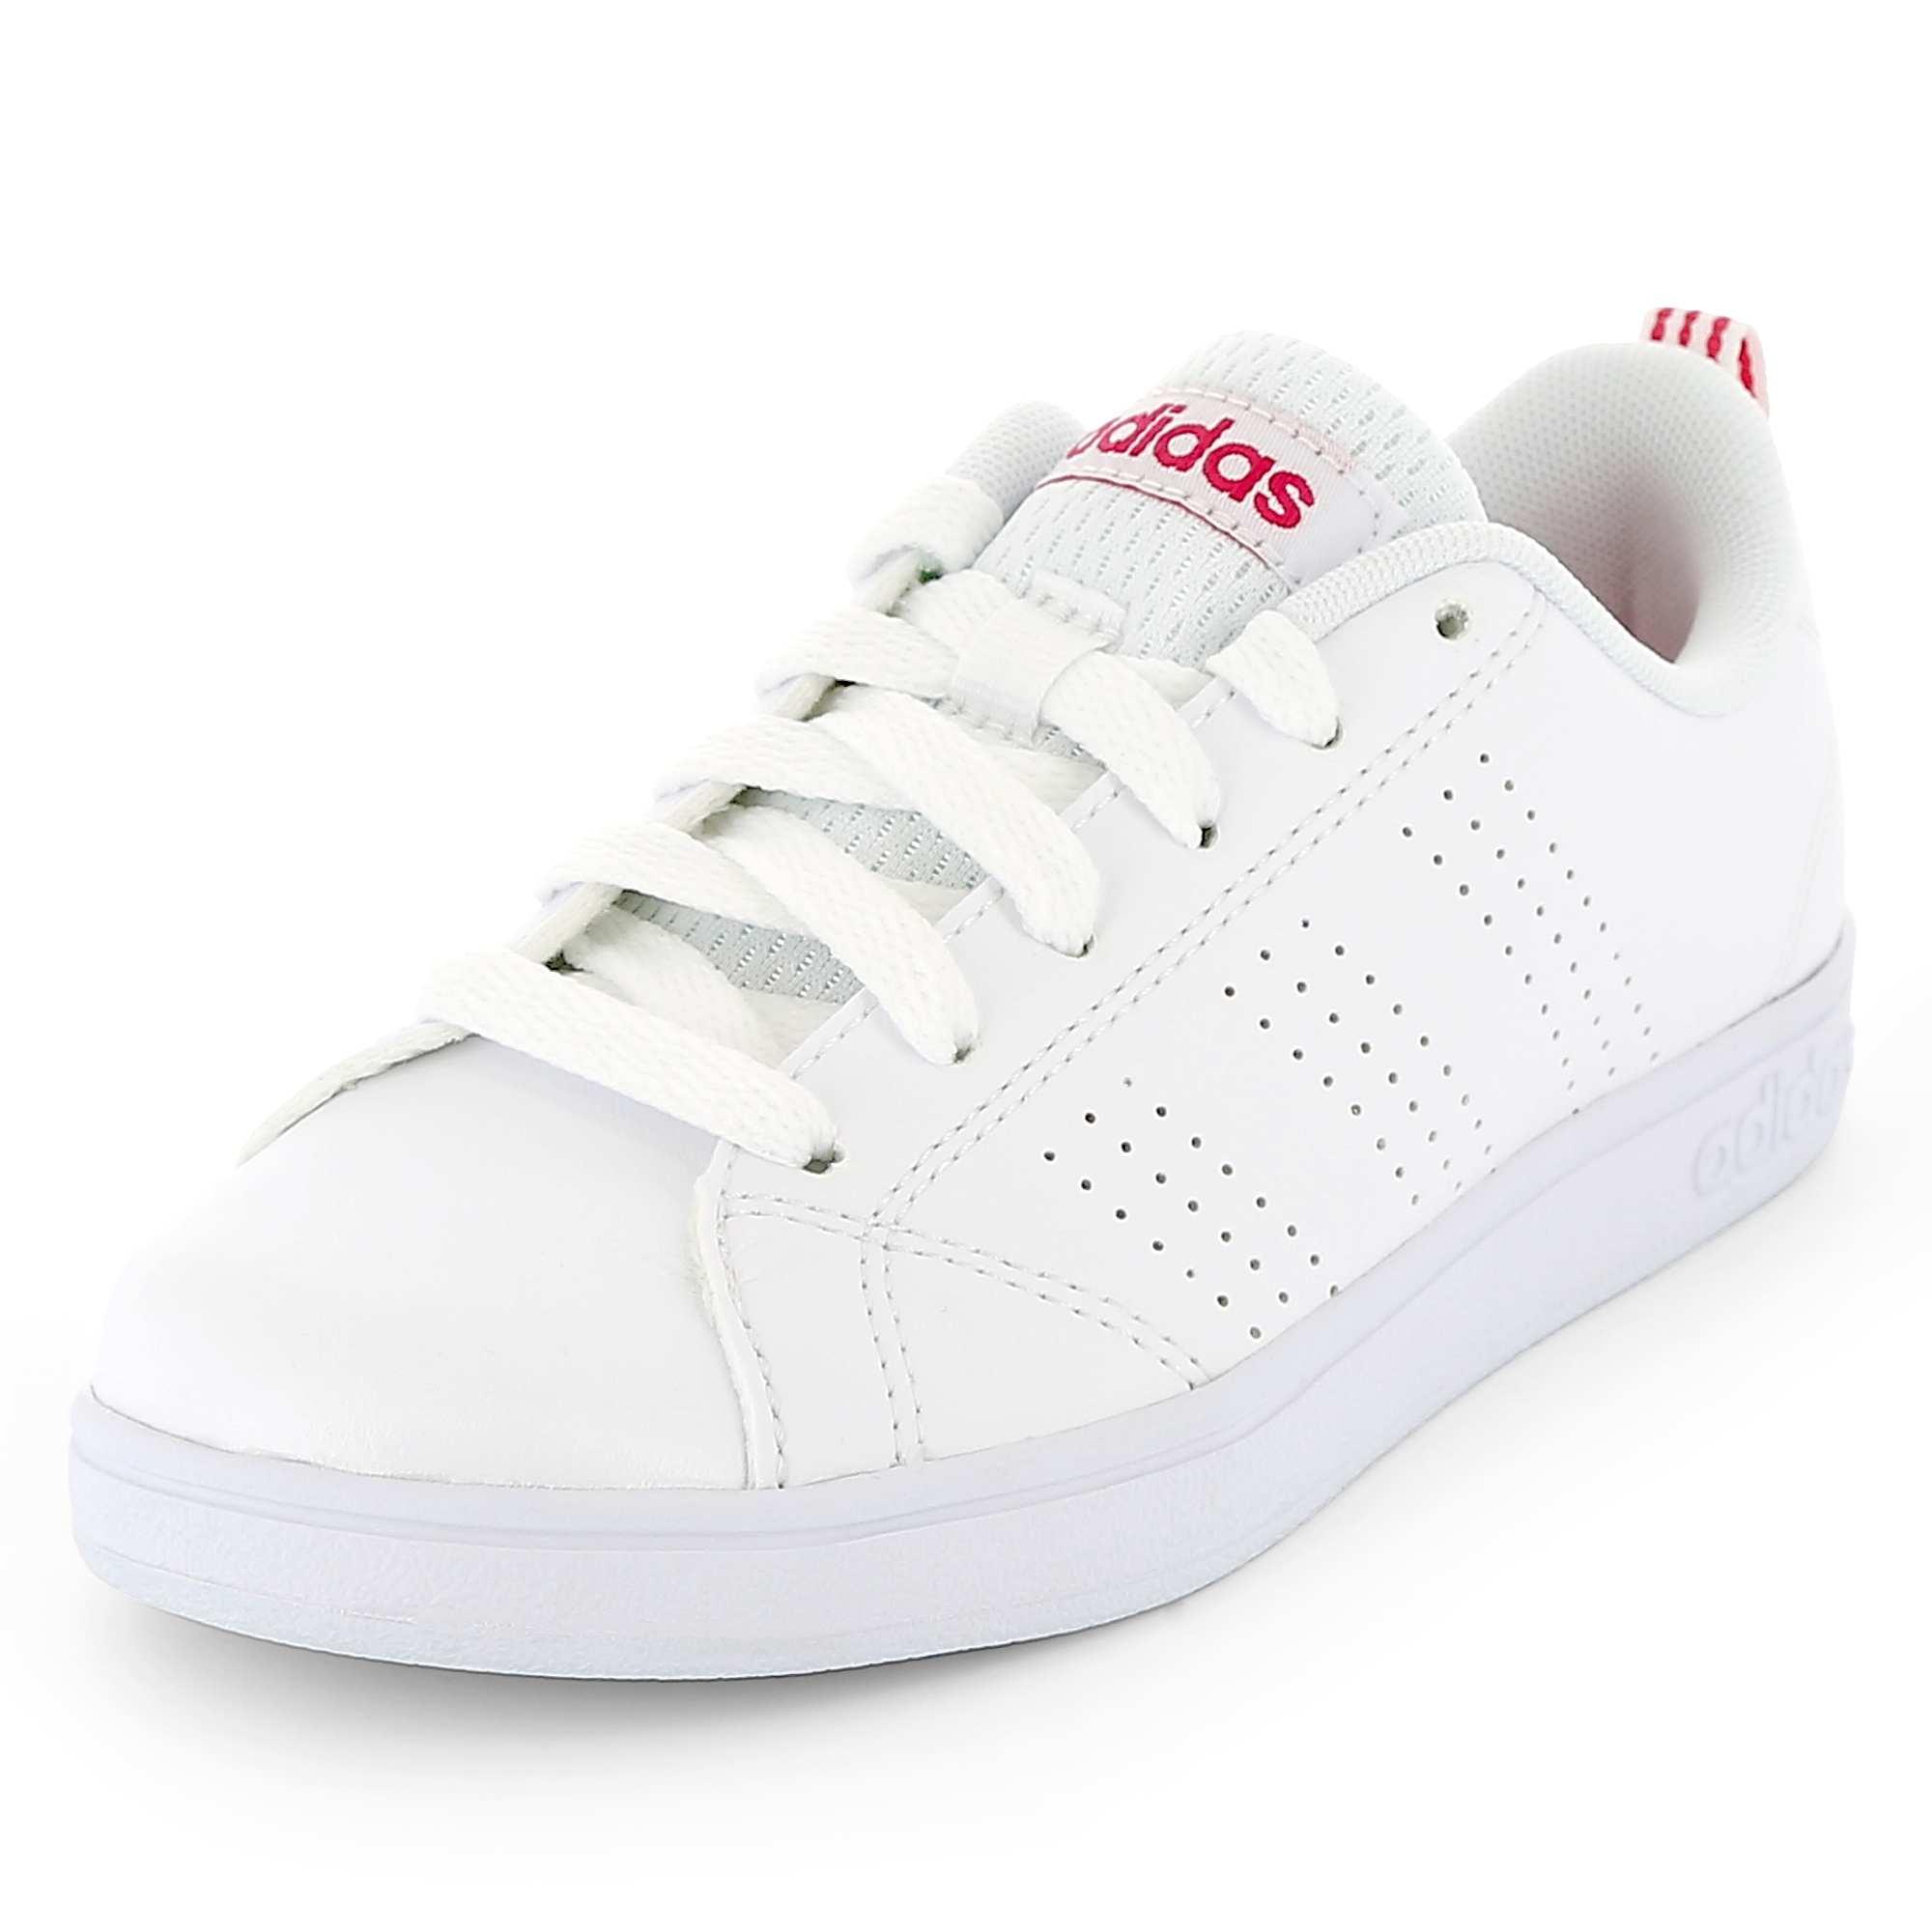 Enregistrer dans ma wishlist 15. Adidas